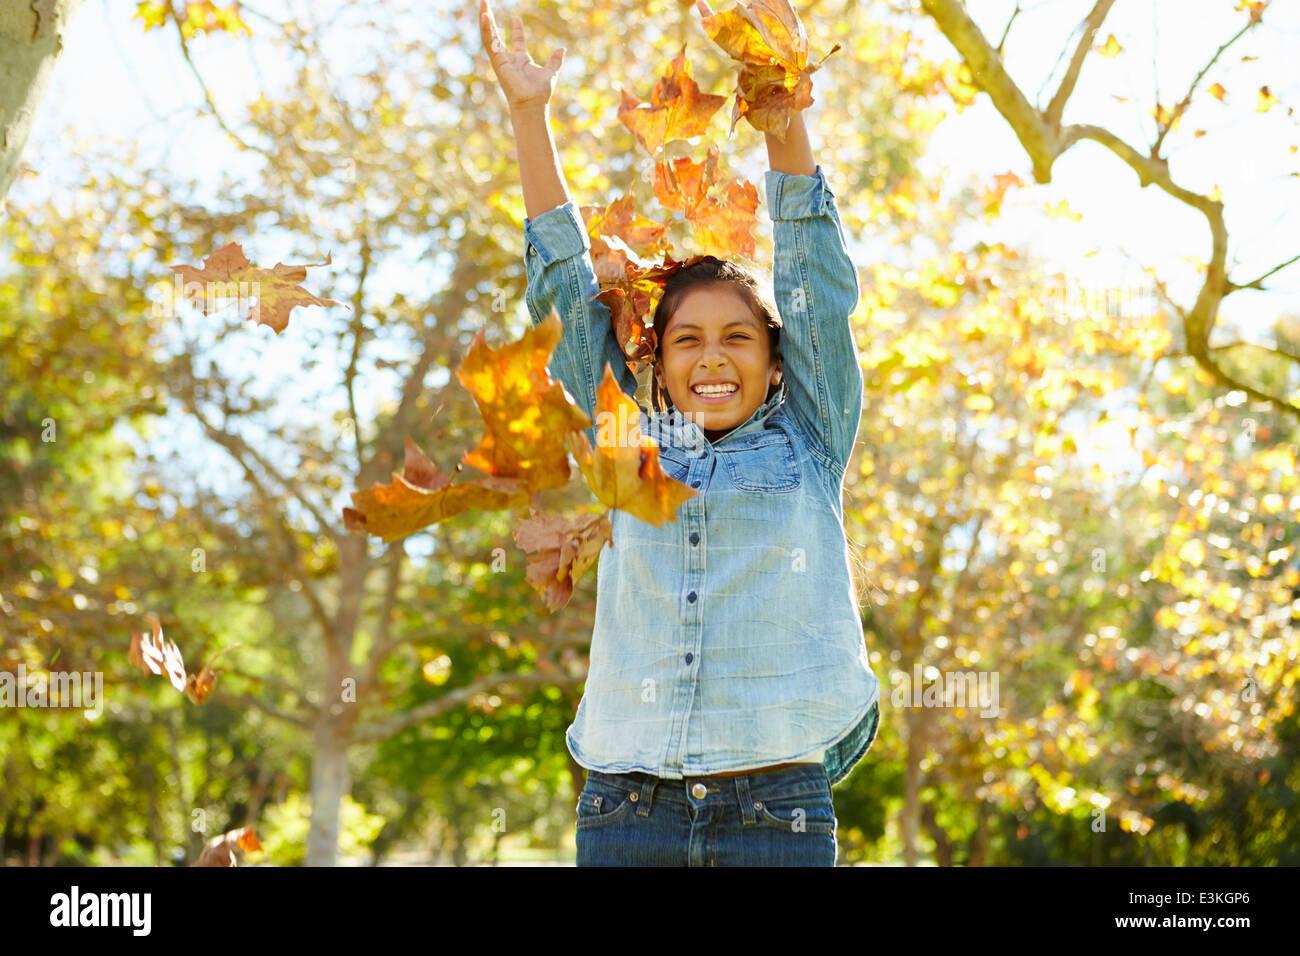 Giovane ragazza gettando le foglie di autunno in aria Immagini Stock